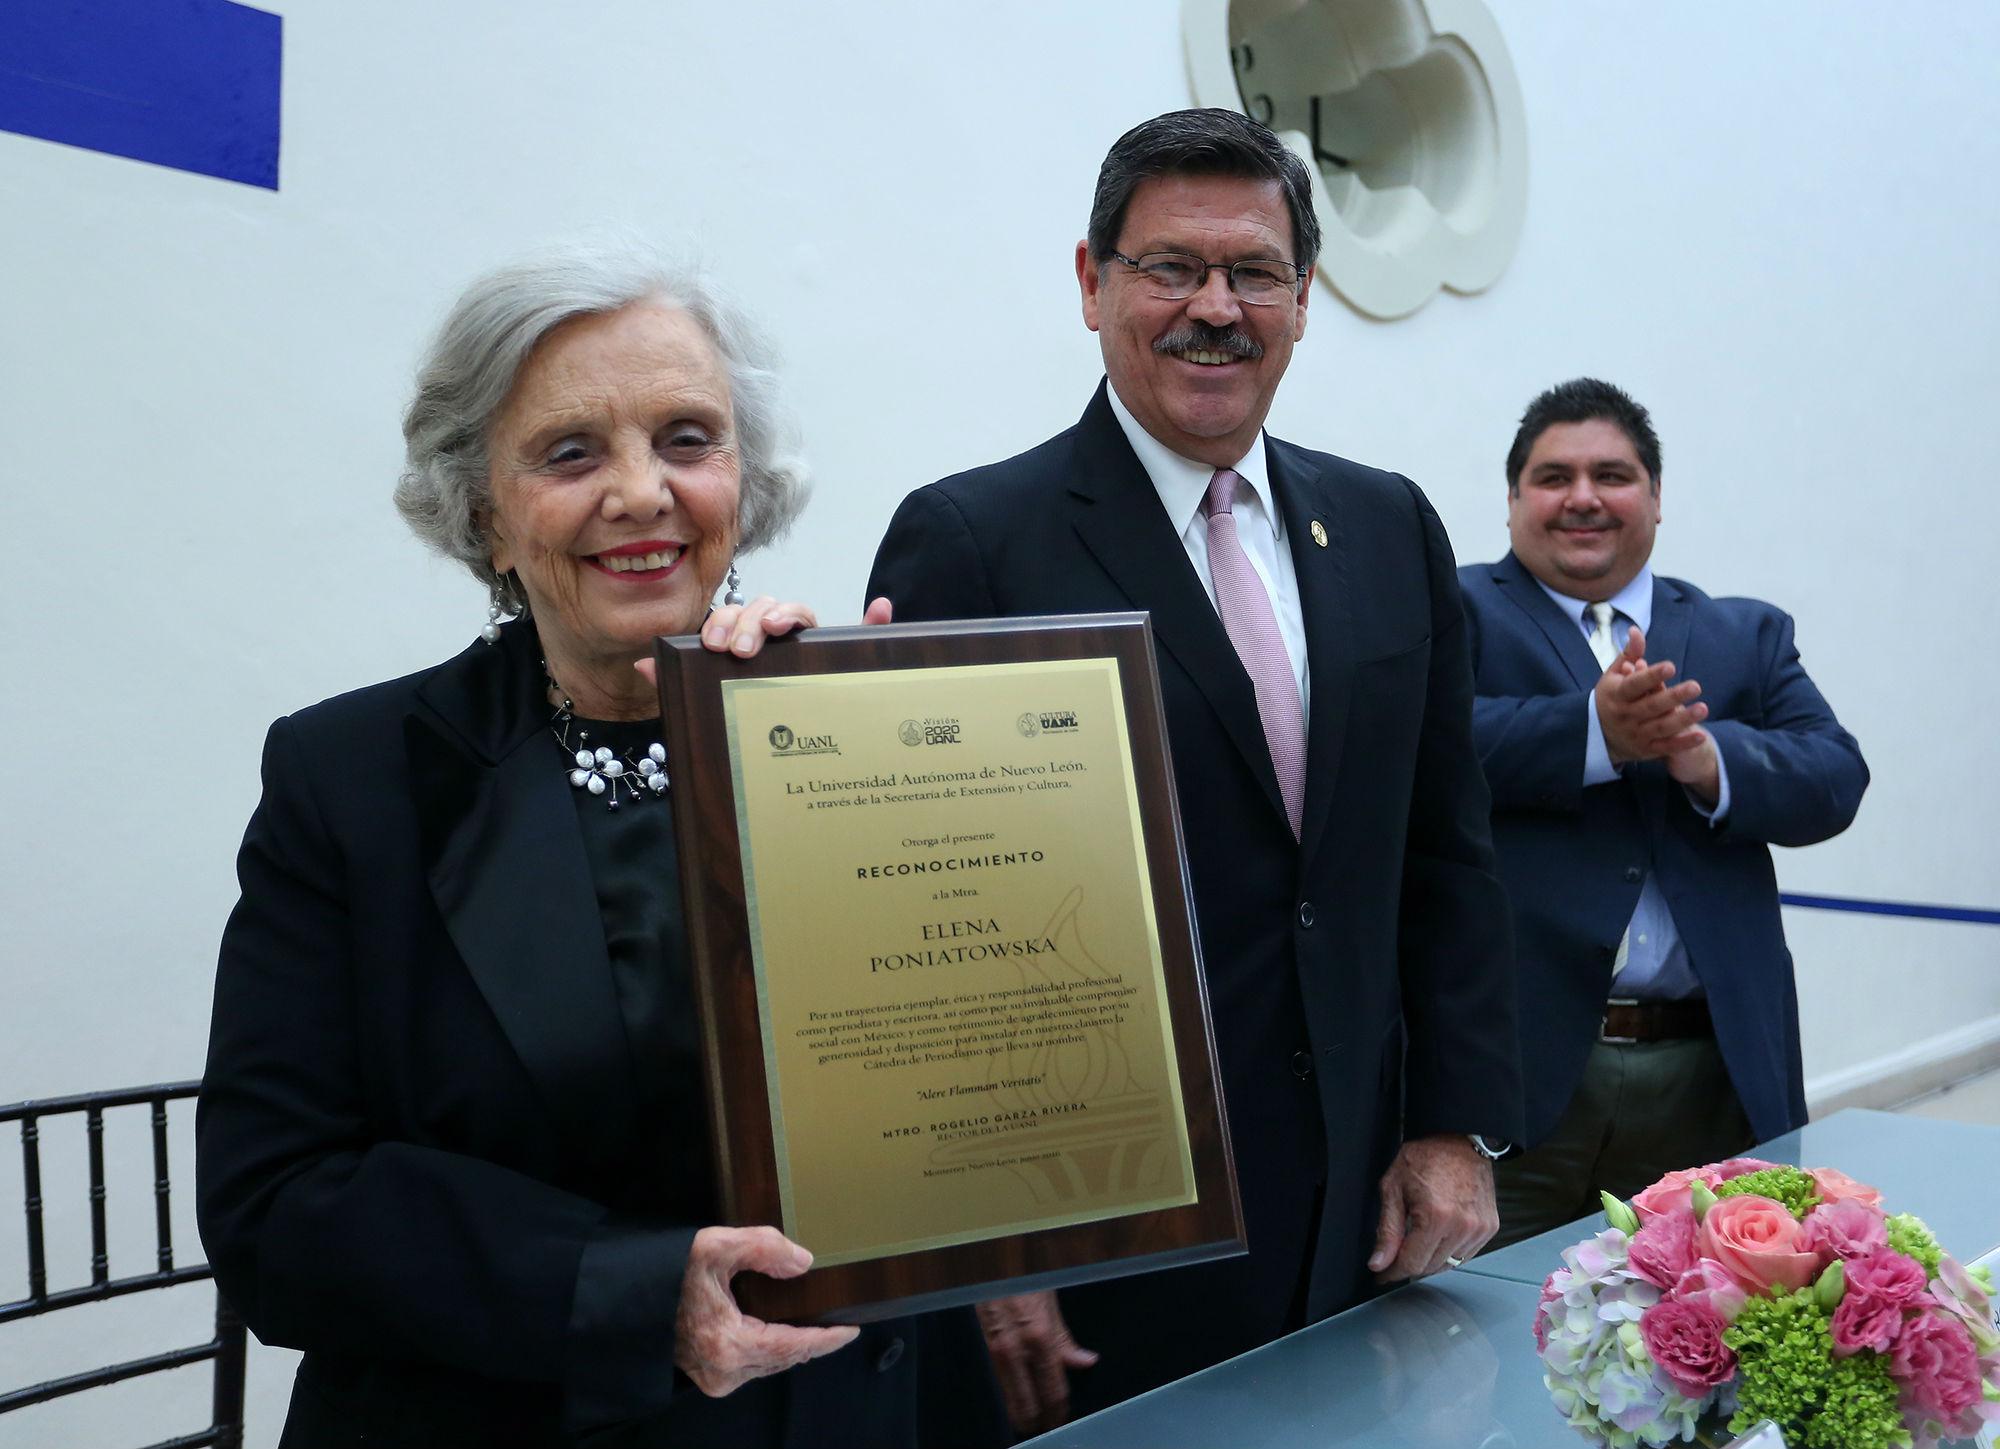 Elena Poniatowska con el reconocimiento por aceptar la instalación de la cátedra que lleva su nombre